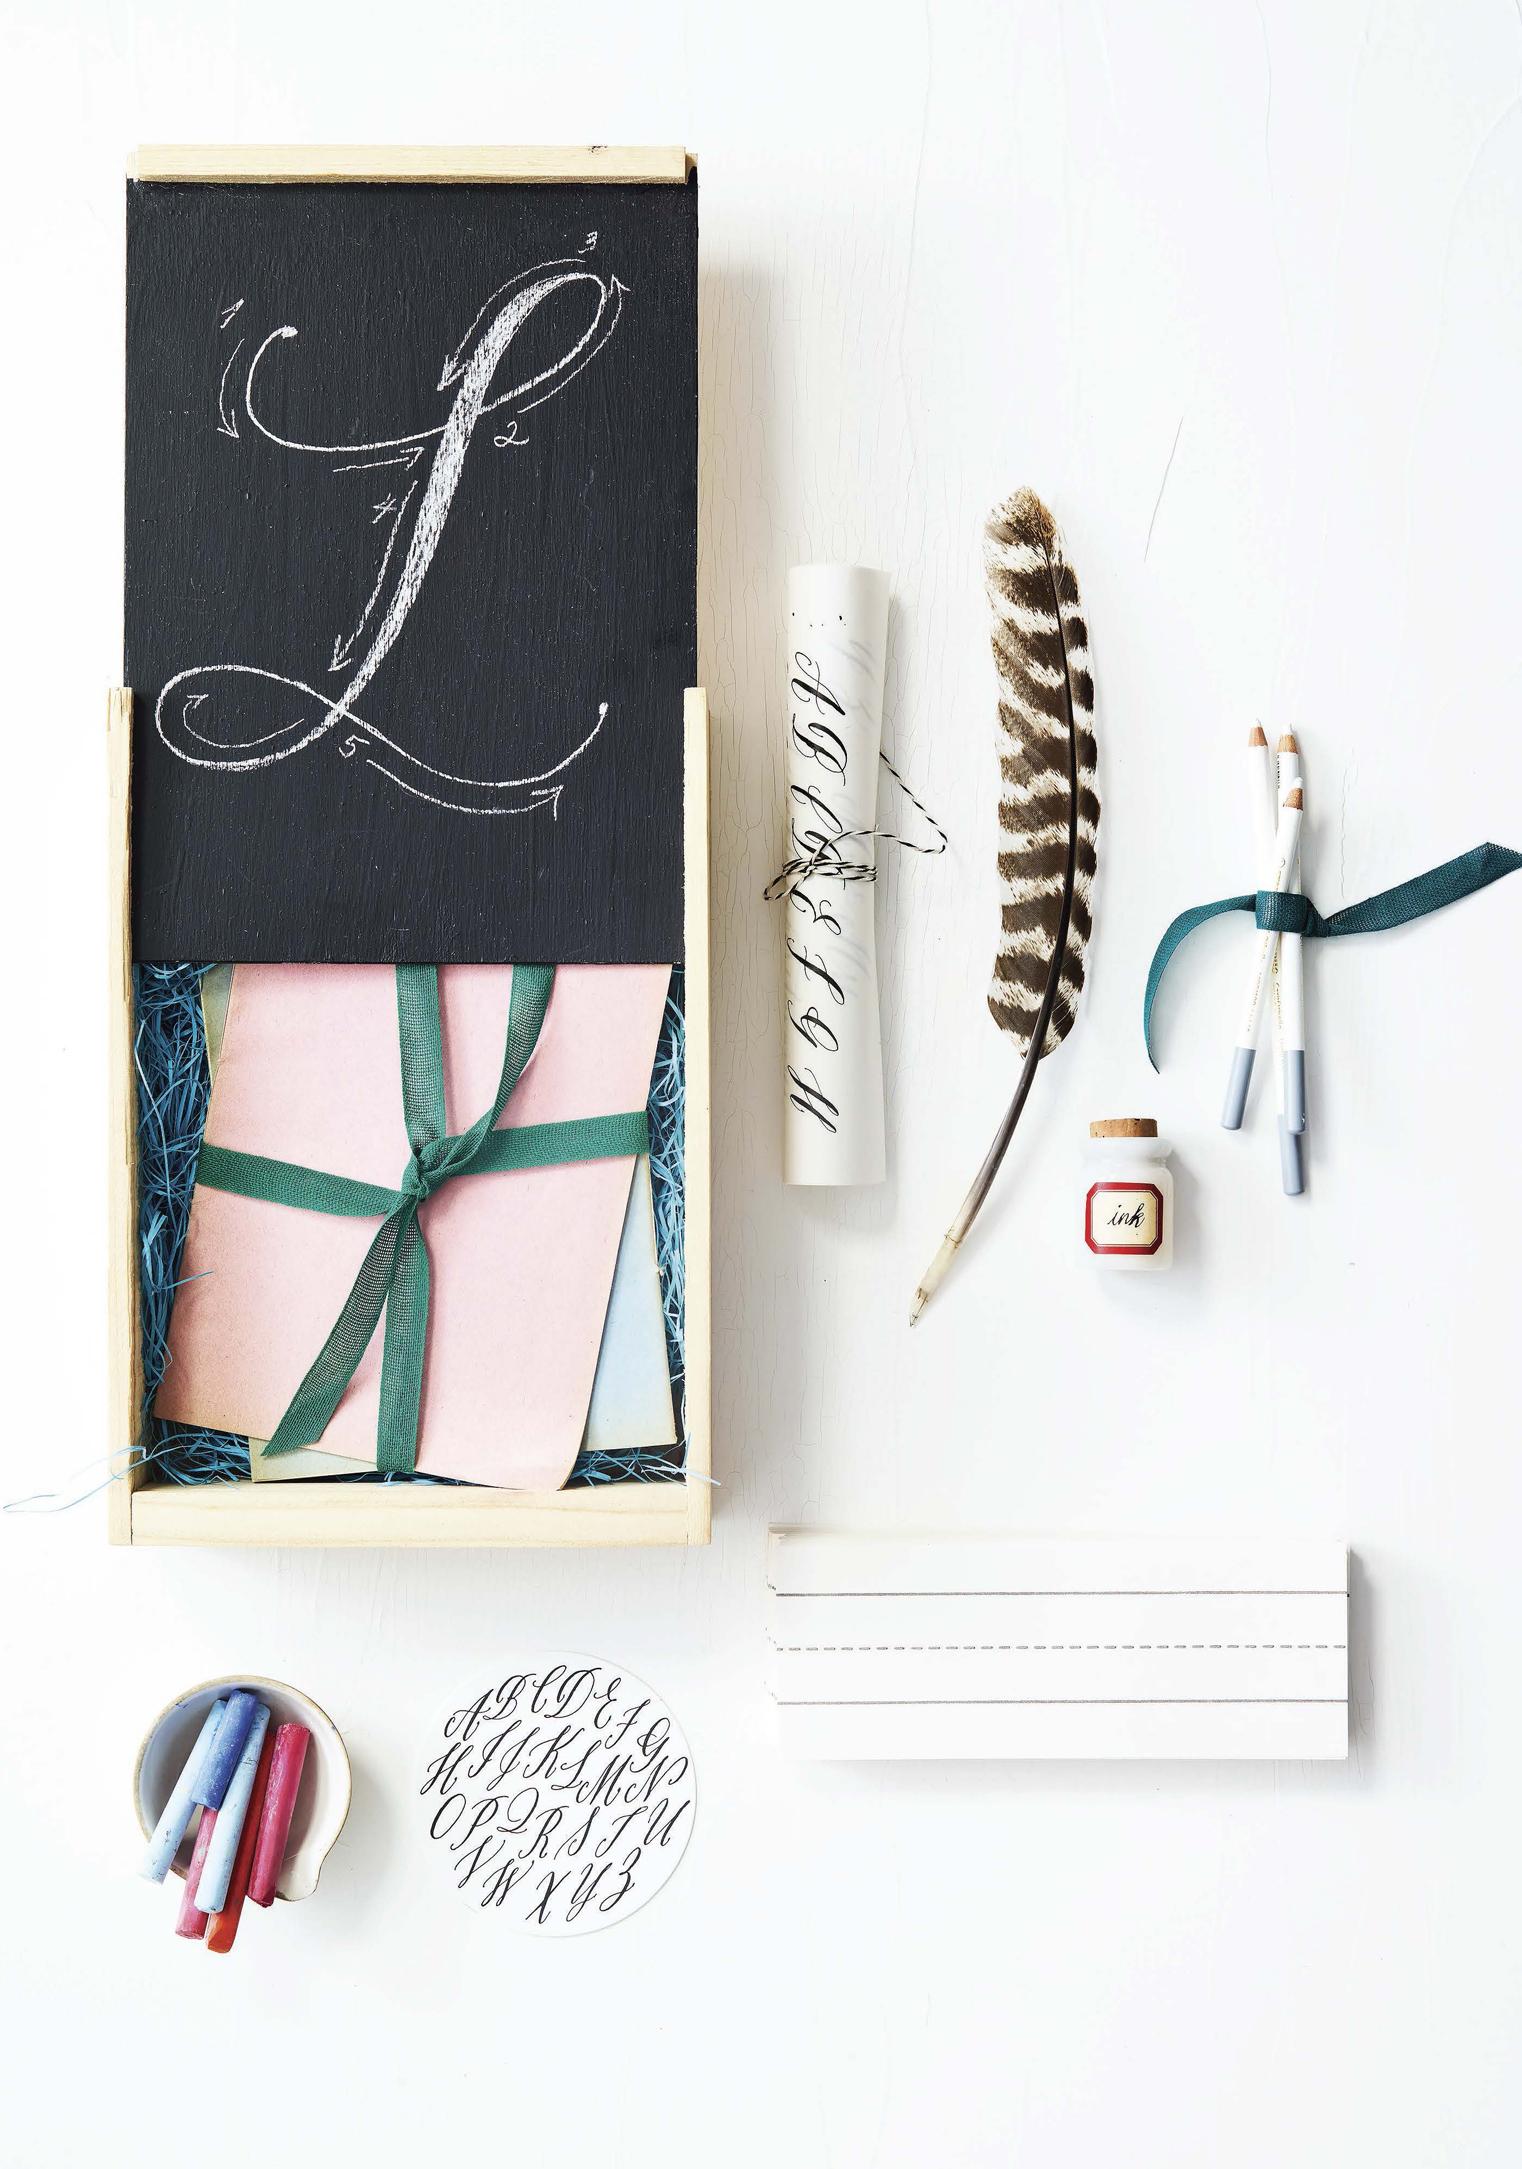 The Gift of Calligraphy by Maybelle Imasa Stukuls - 2018